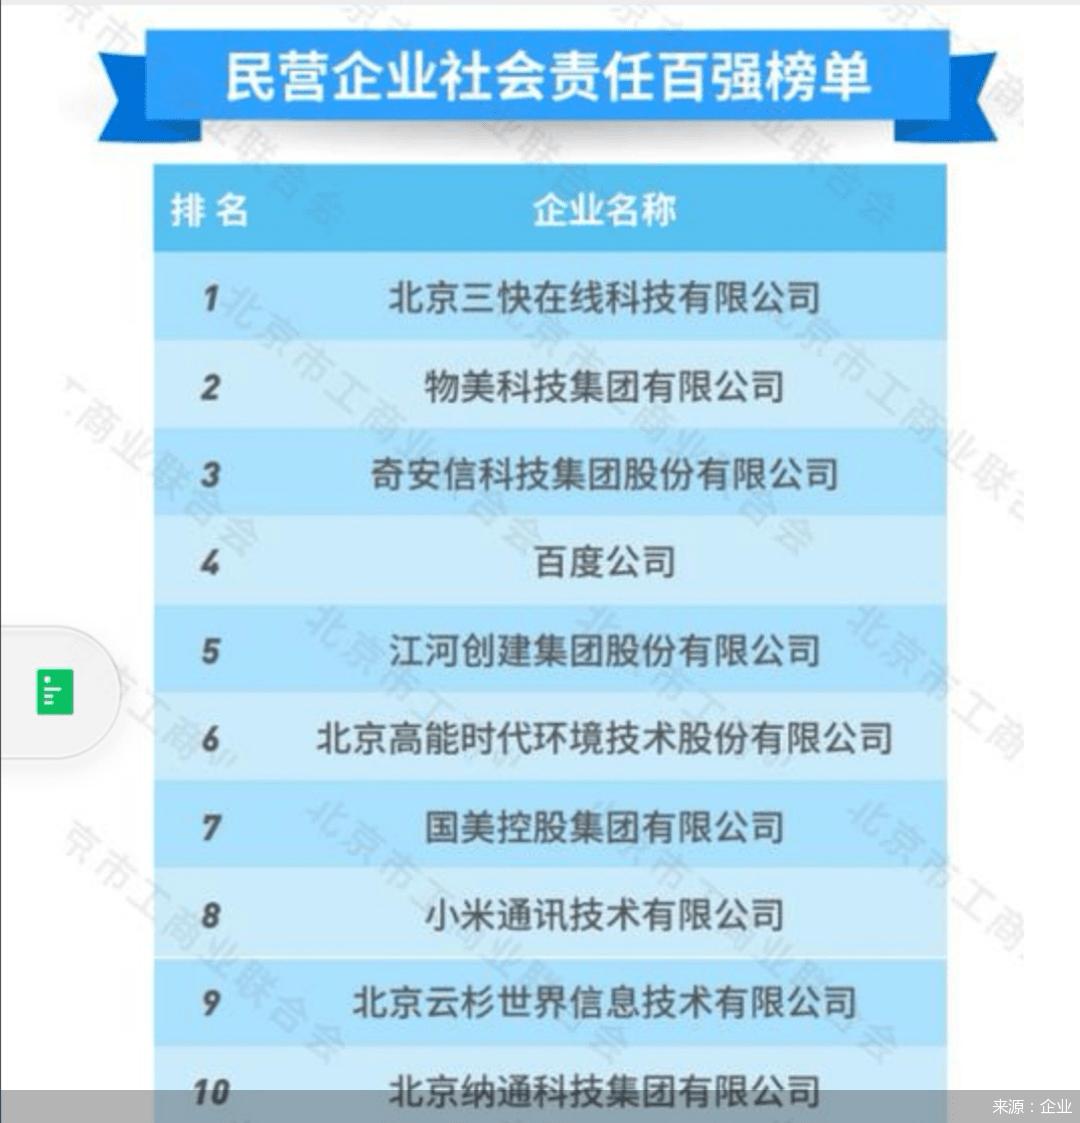 北京民营企业社会责任百强榜发布  美团、物美、百度位居前列